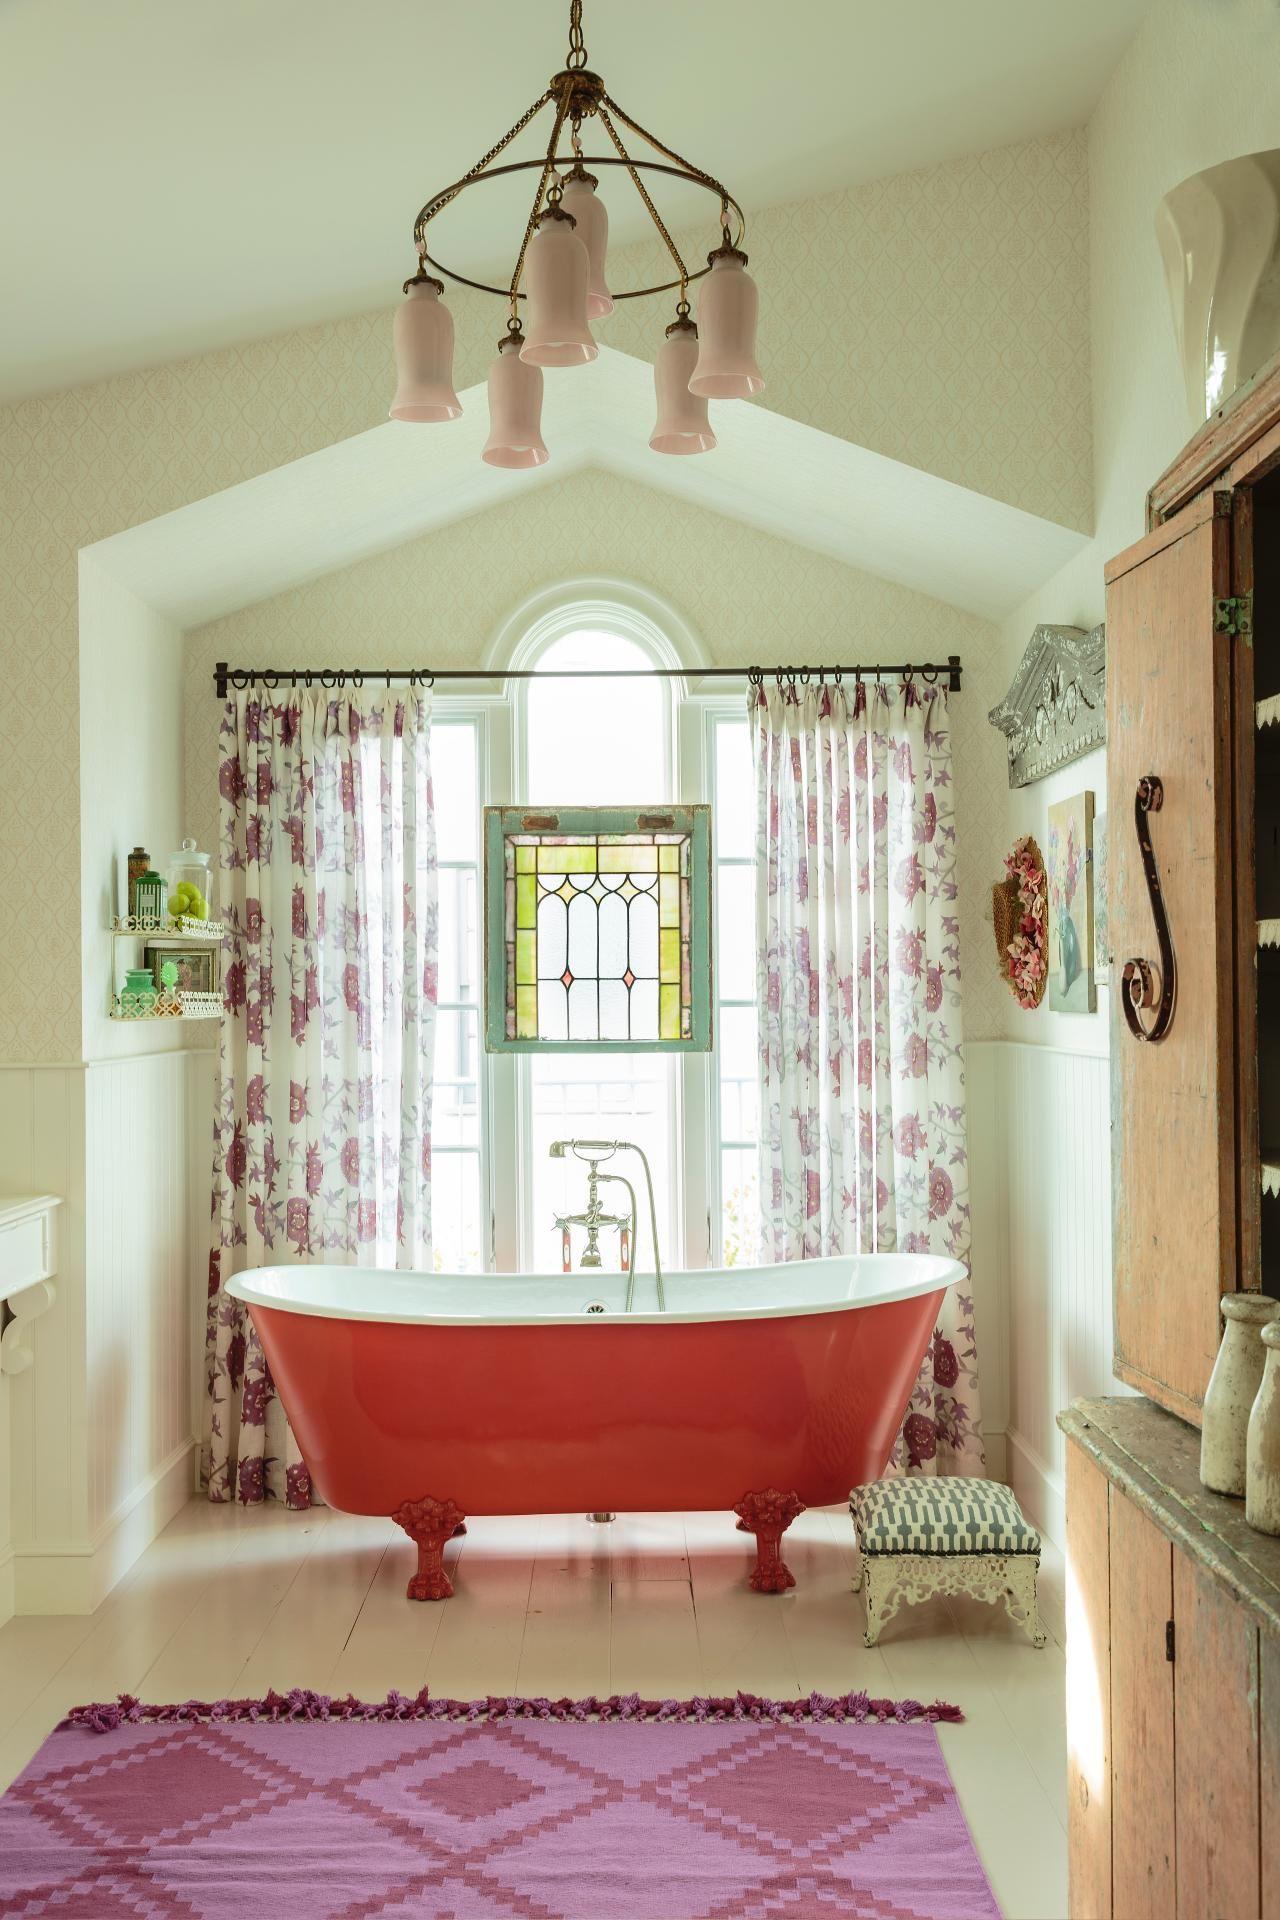 Badezimmer Farben Badezimmer Farbideen Rosa Fliesen Badezimmer Badezimmer Farben